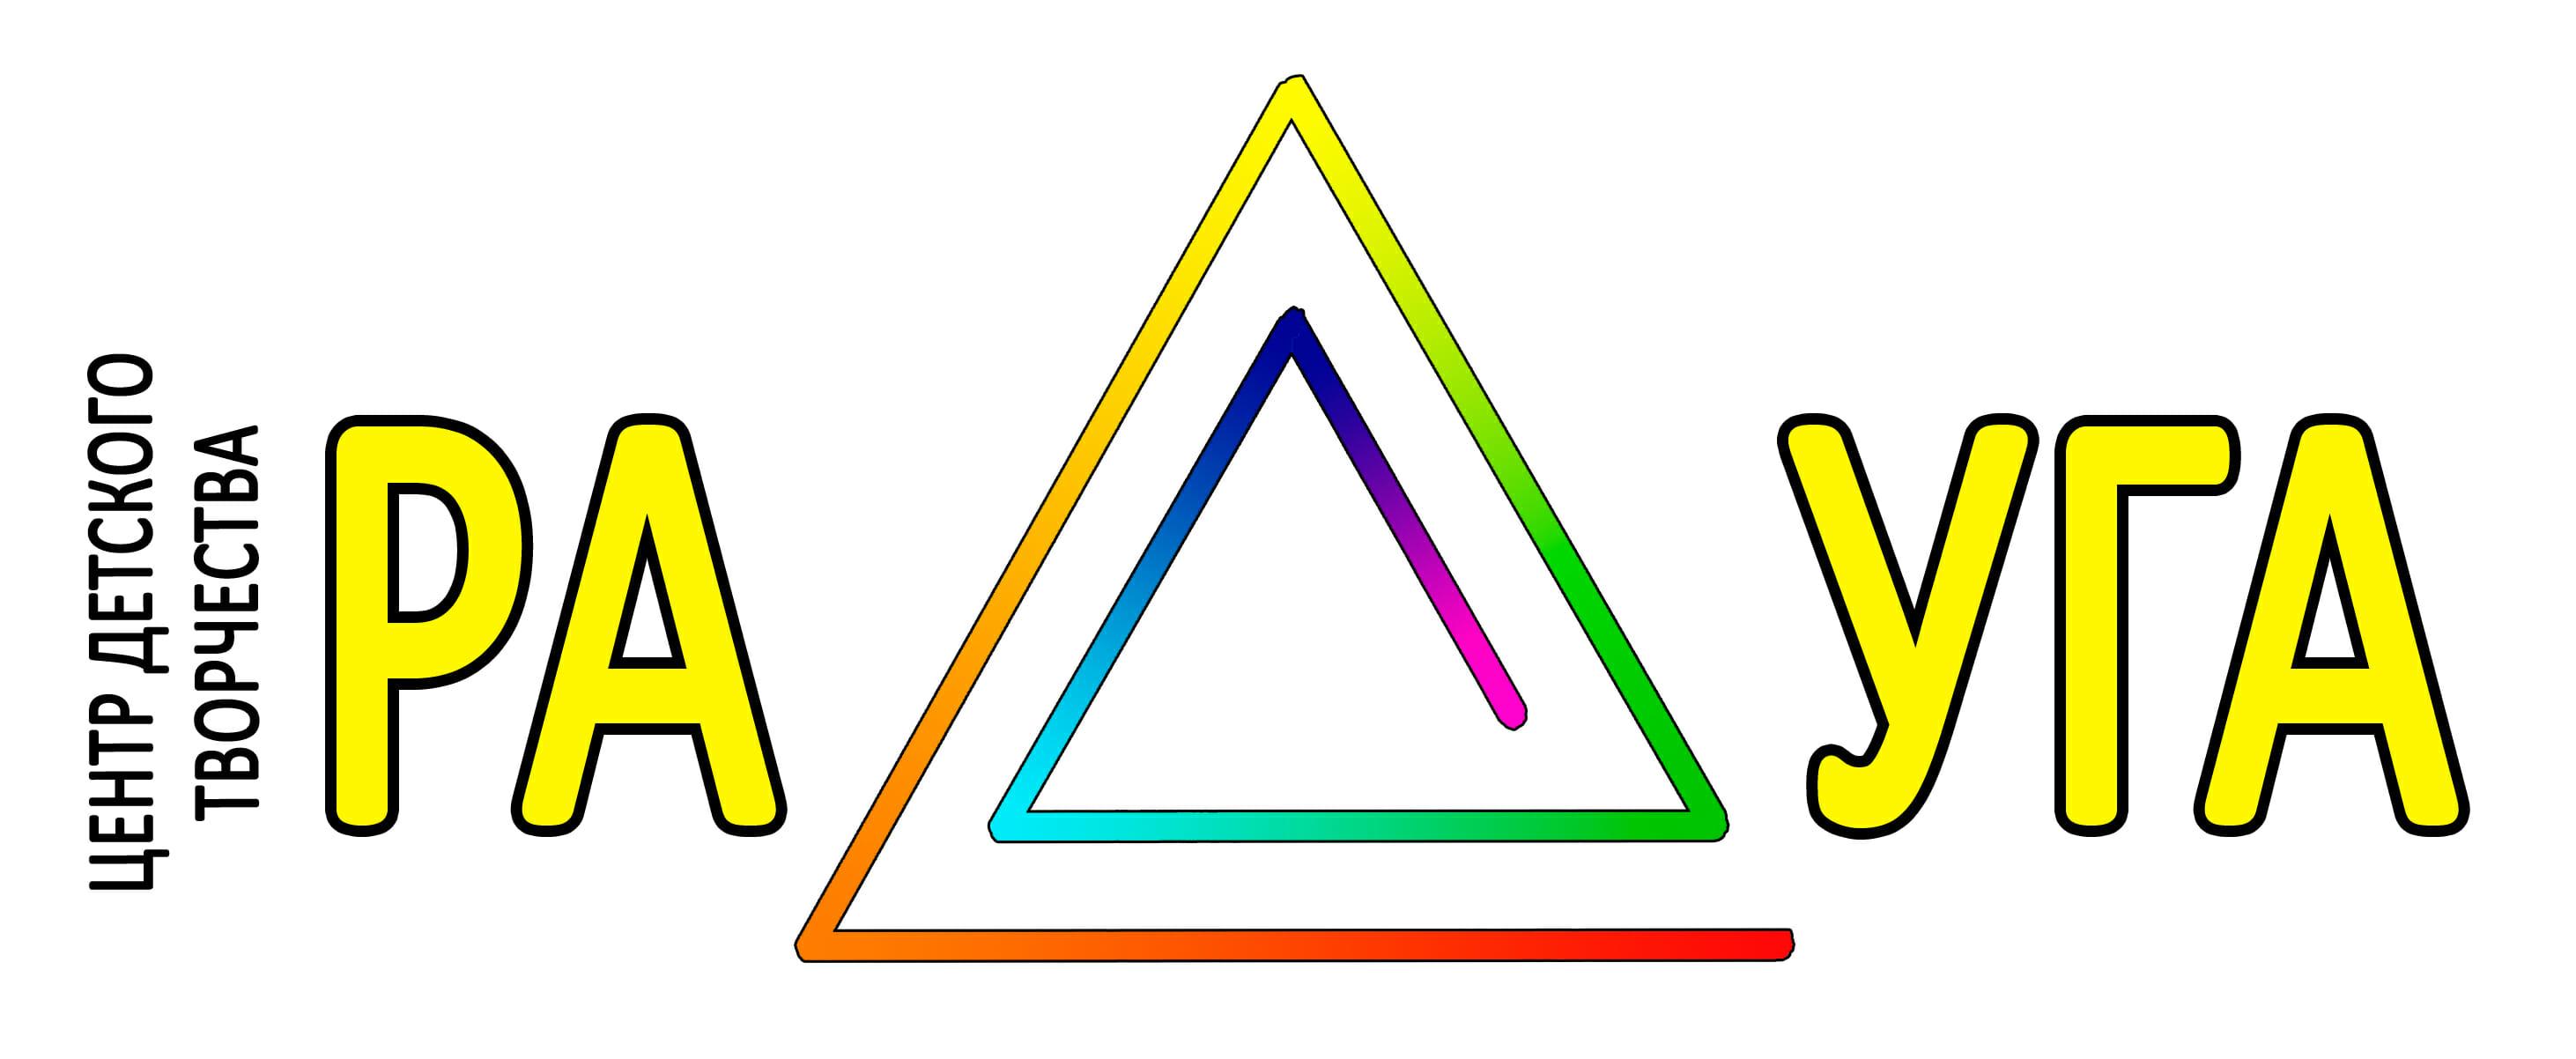 радуга лого